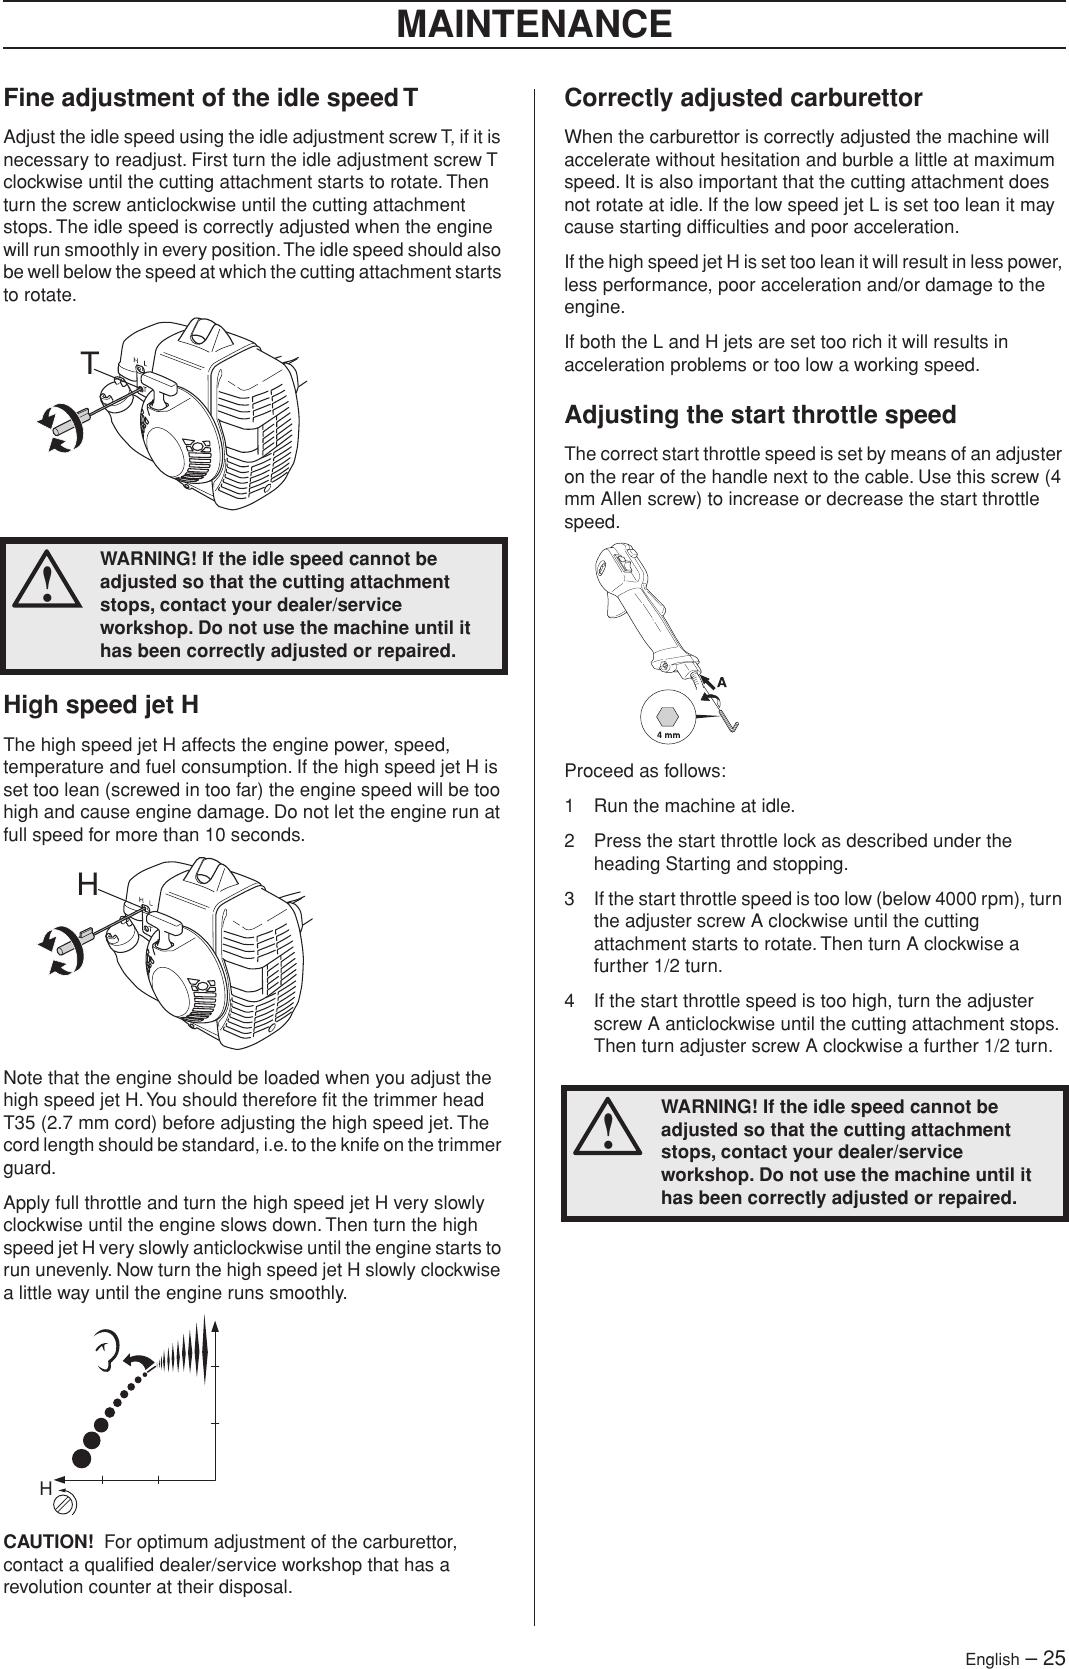 Husqvarna 333R Series Users Manual OM, 333 R, 335 R X series